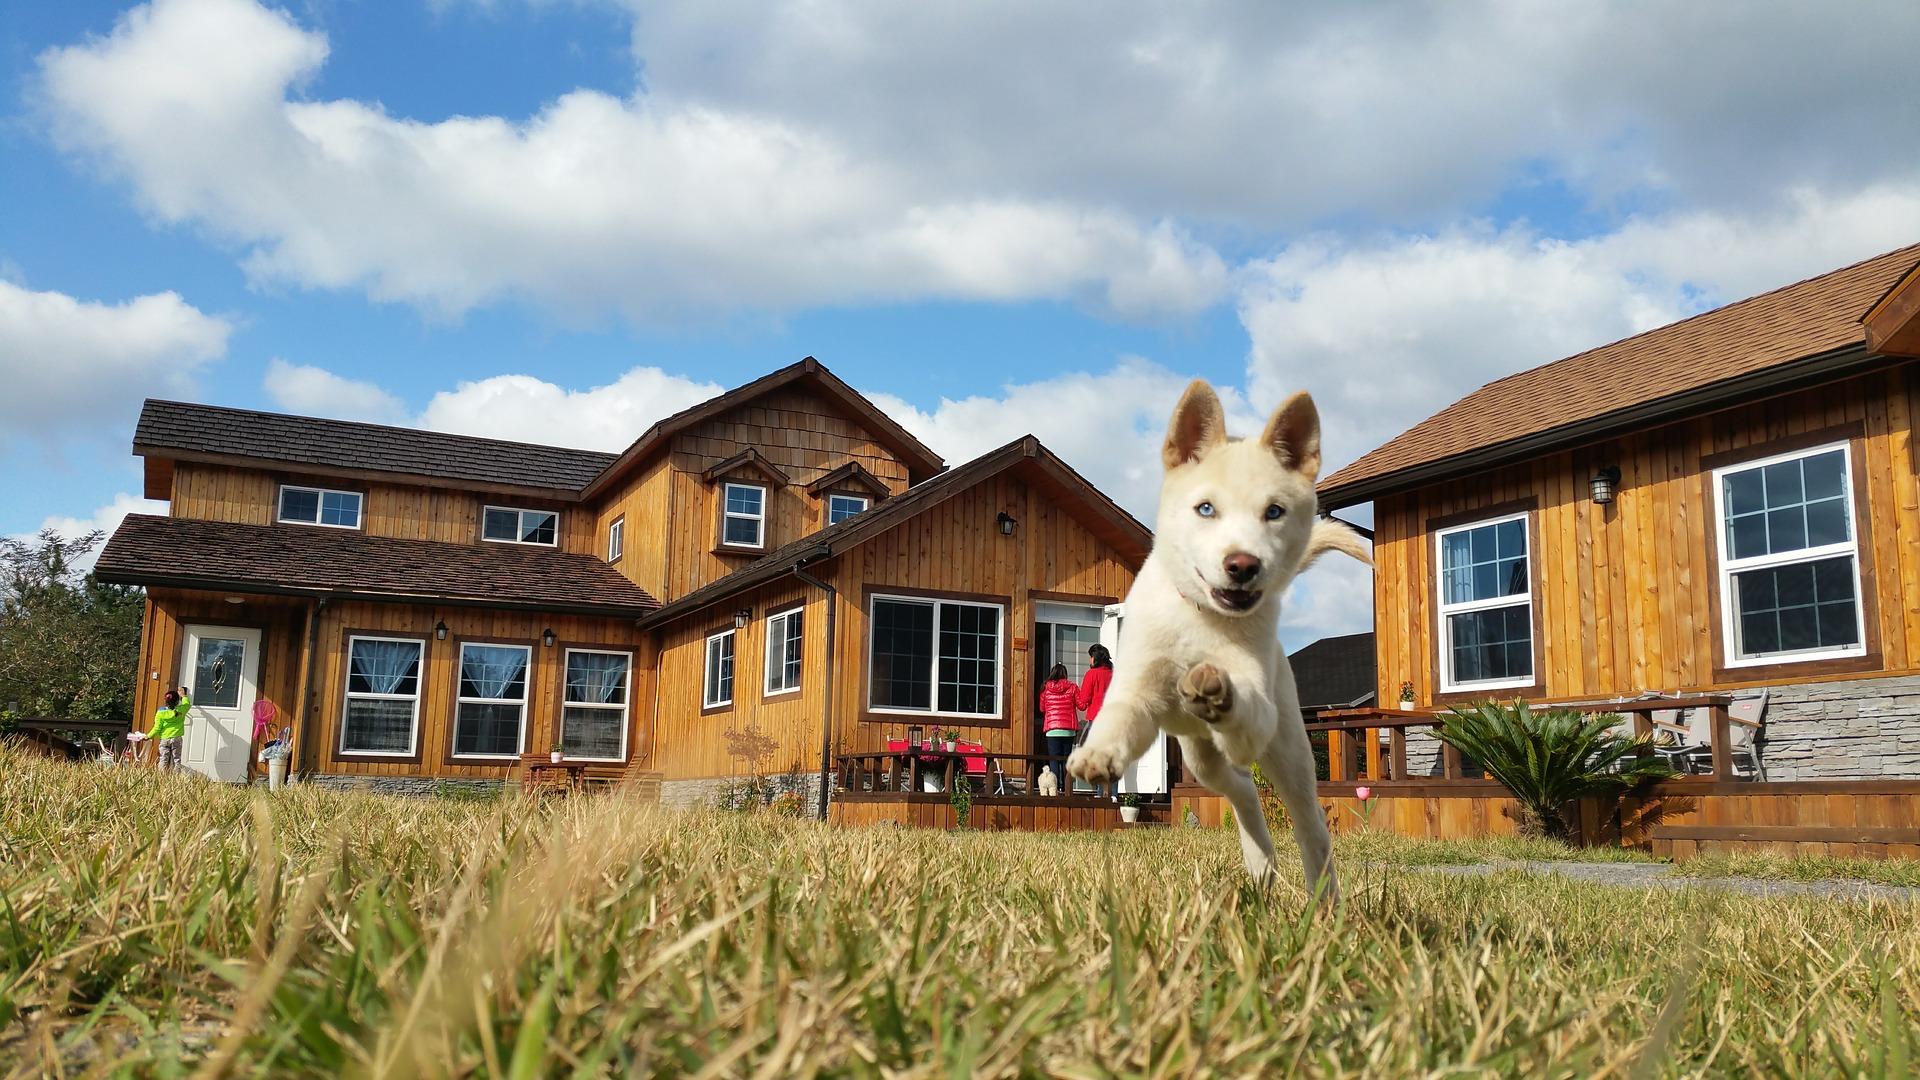 Kilka dni po przebyciu psa do nowego domu można rozpocząć trening samotnego pozostawania. Jak właściwie go przeprowadzić?